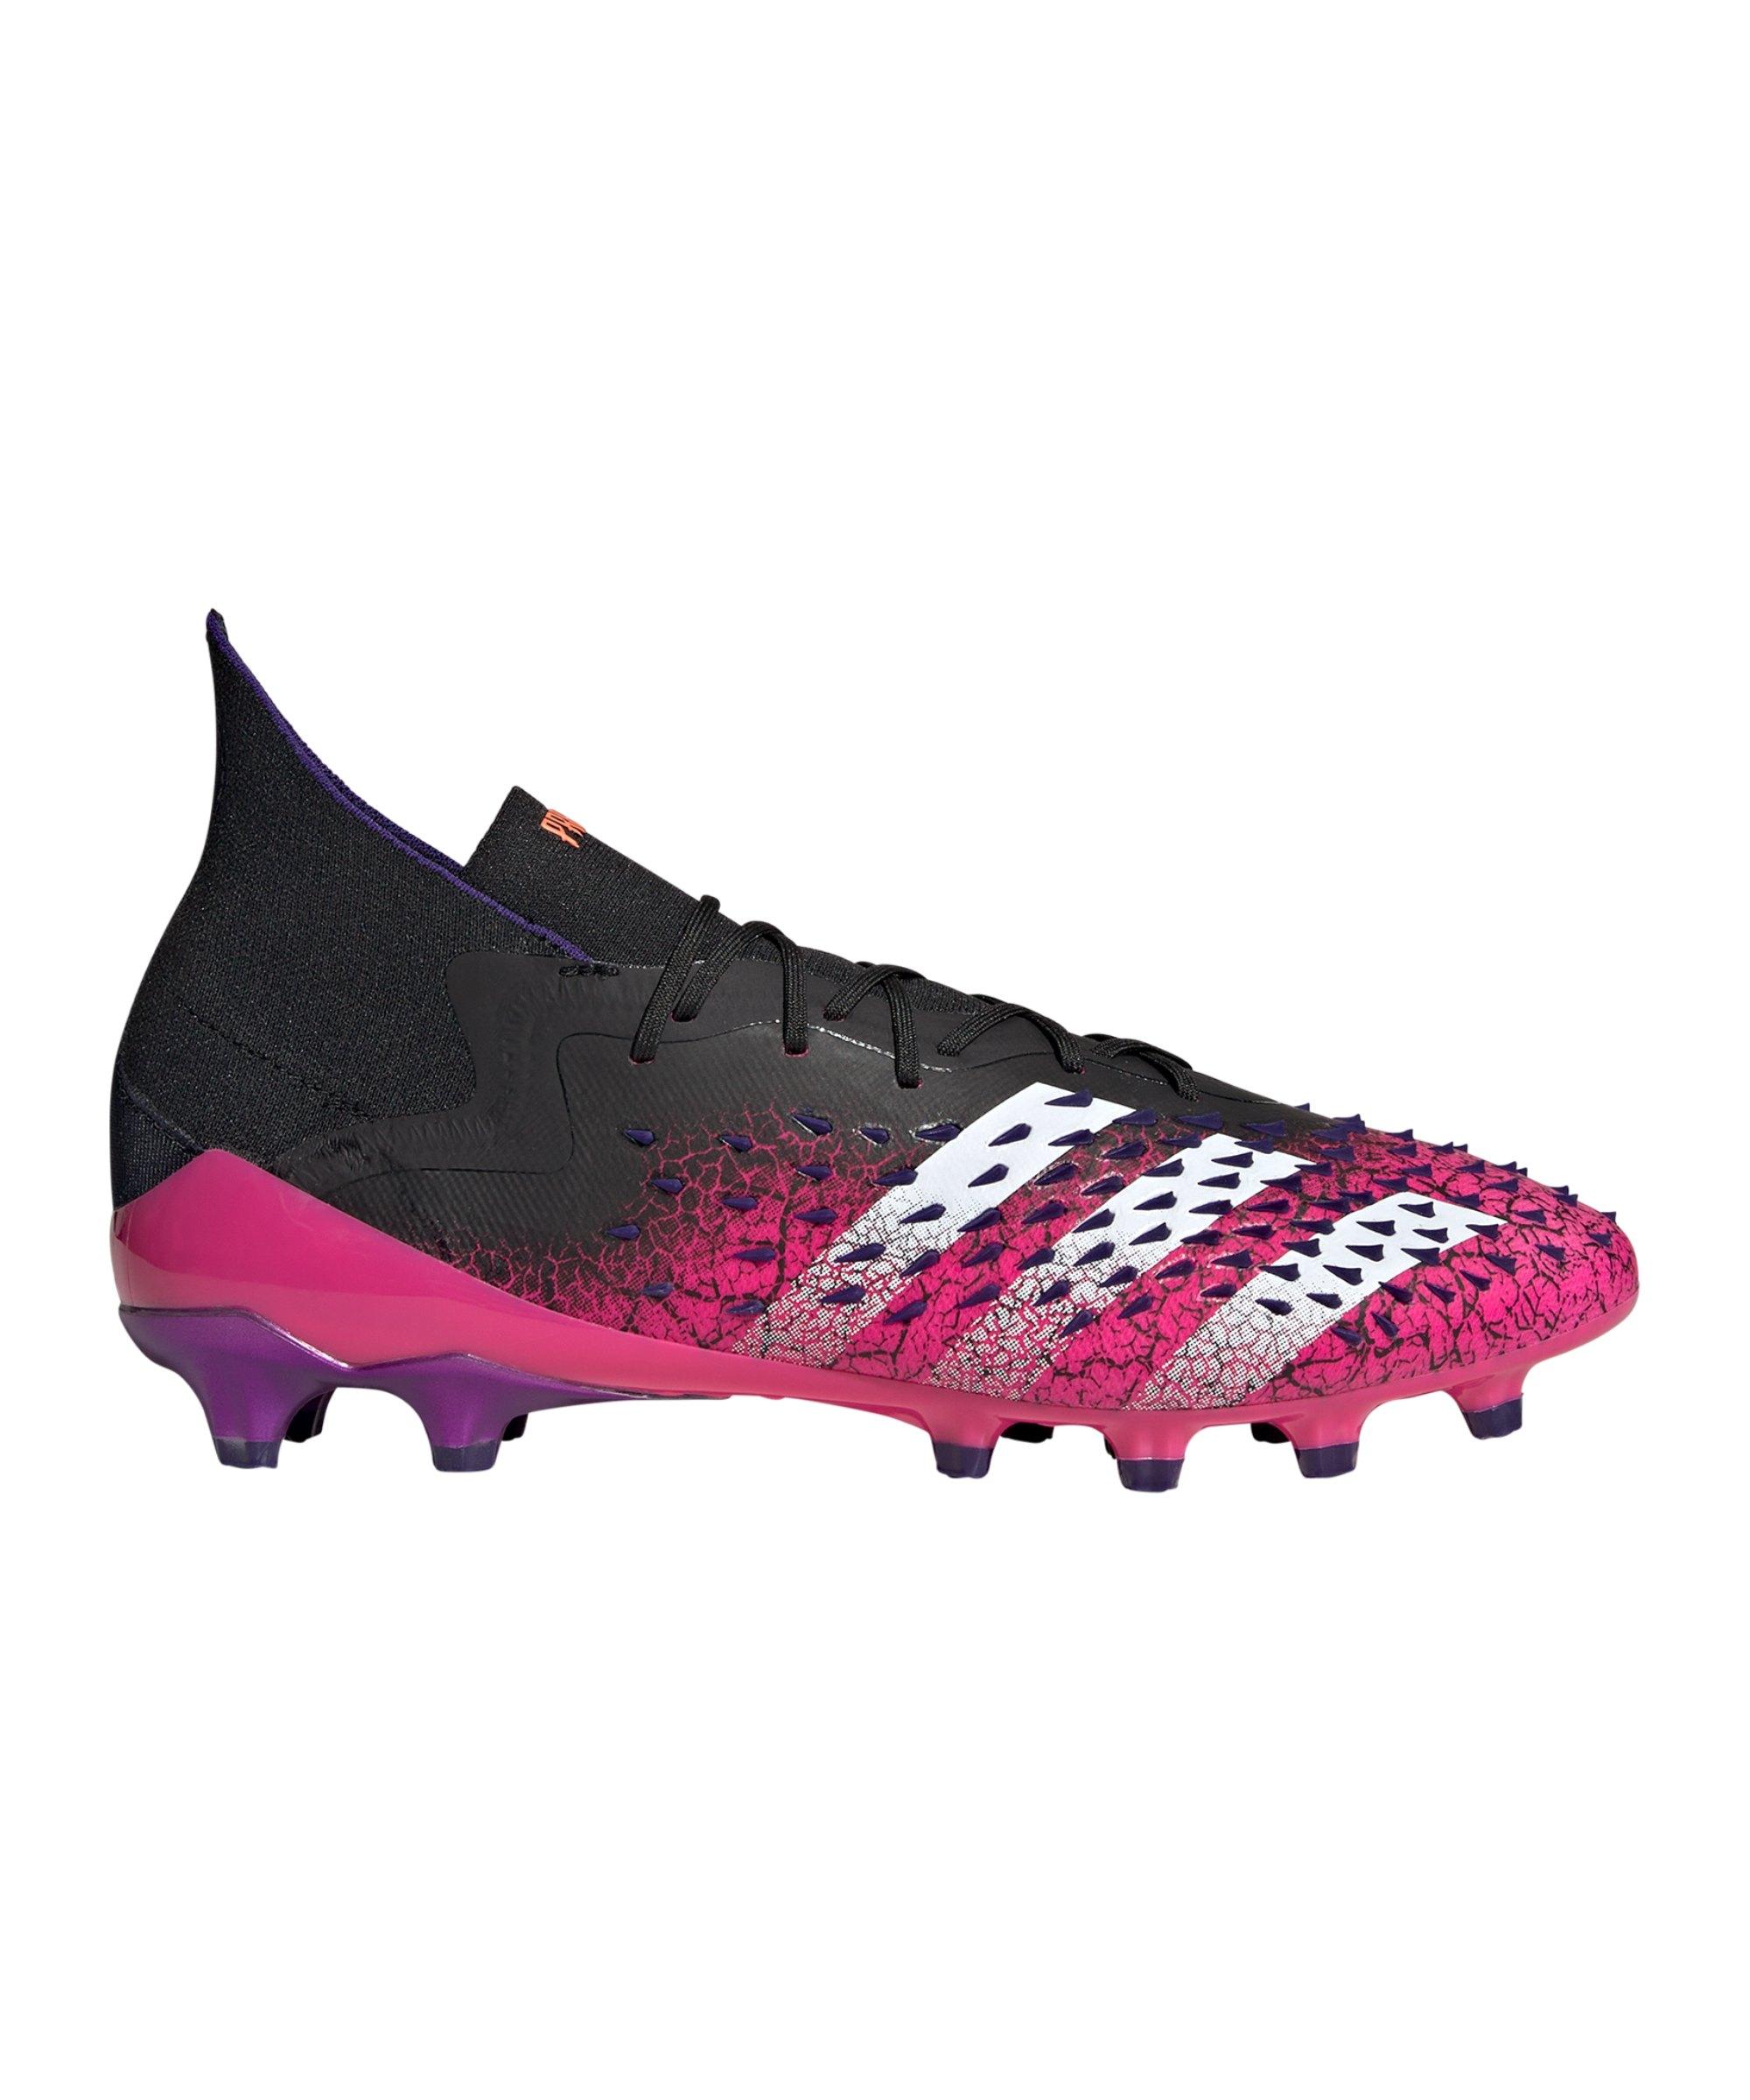 adidas Predator FREAK.1 AG Superspectral Schwarz Weiss Pink - schwarz